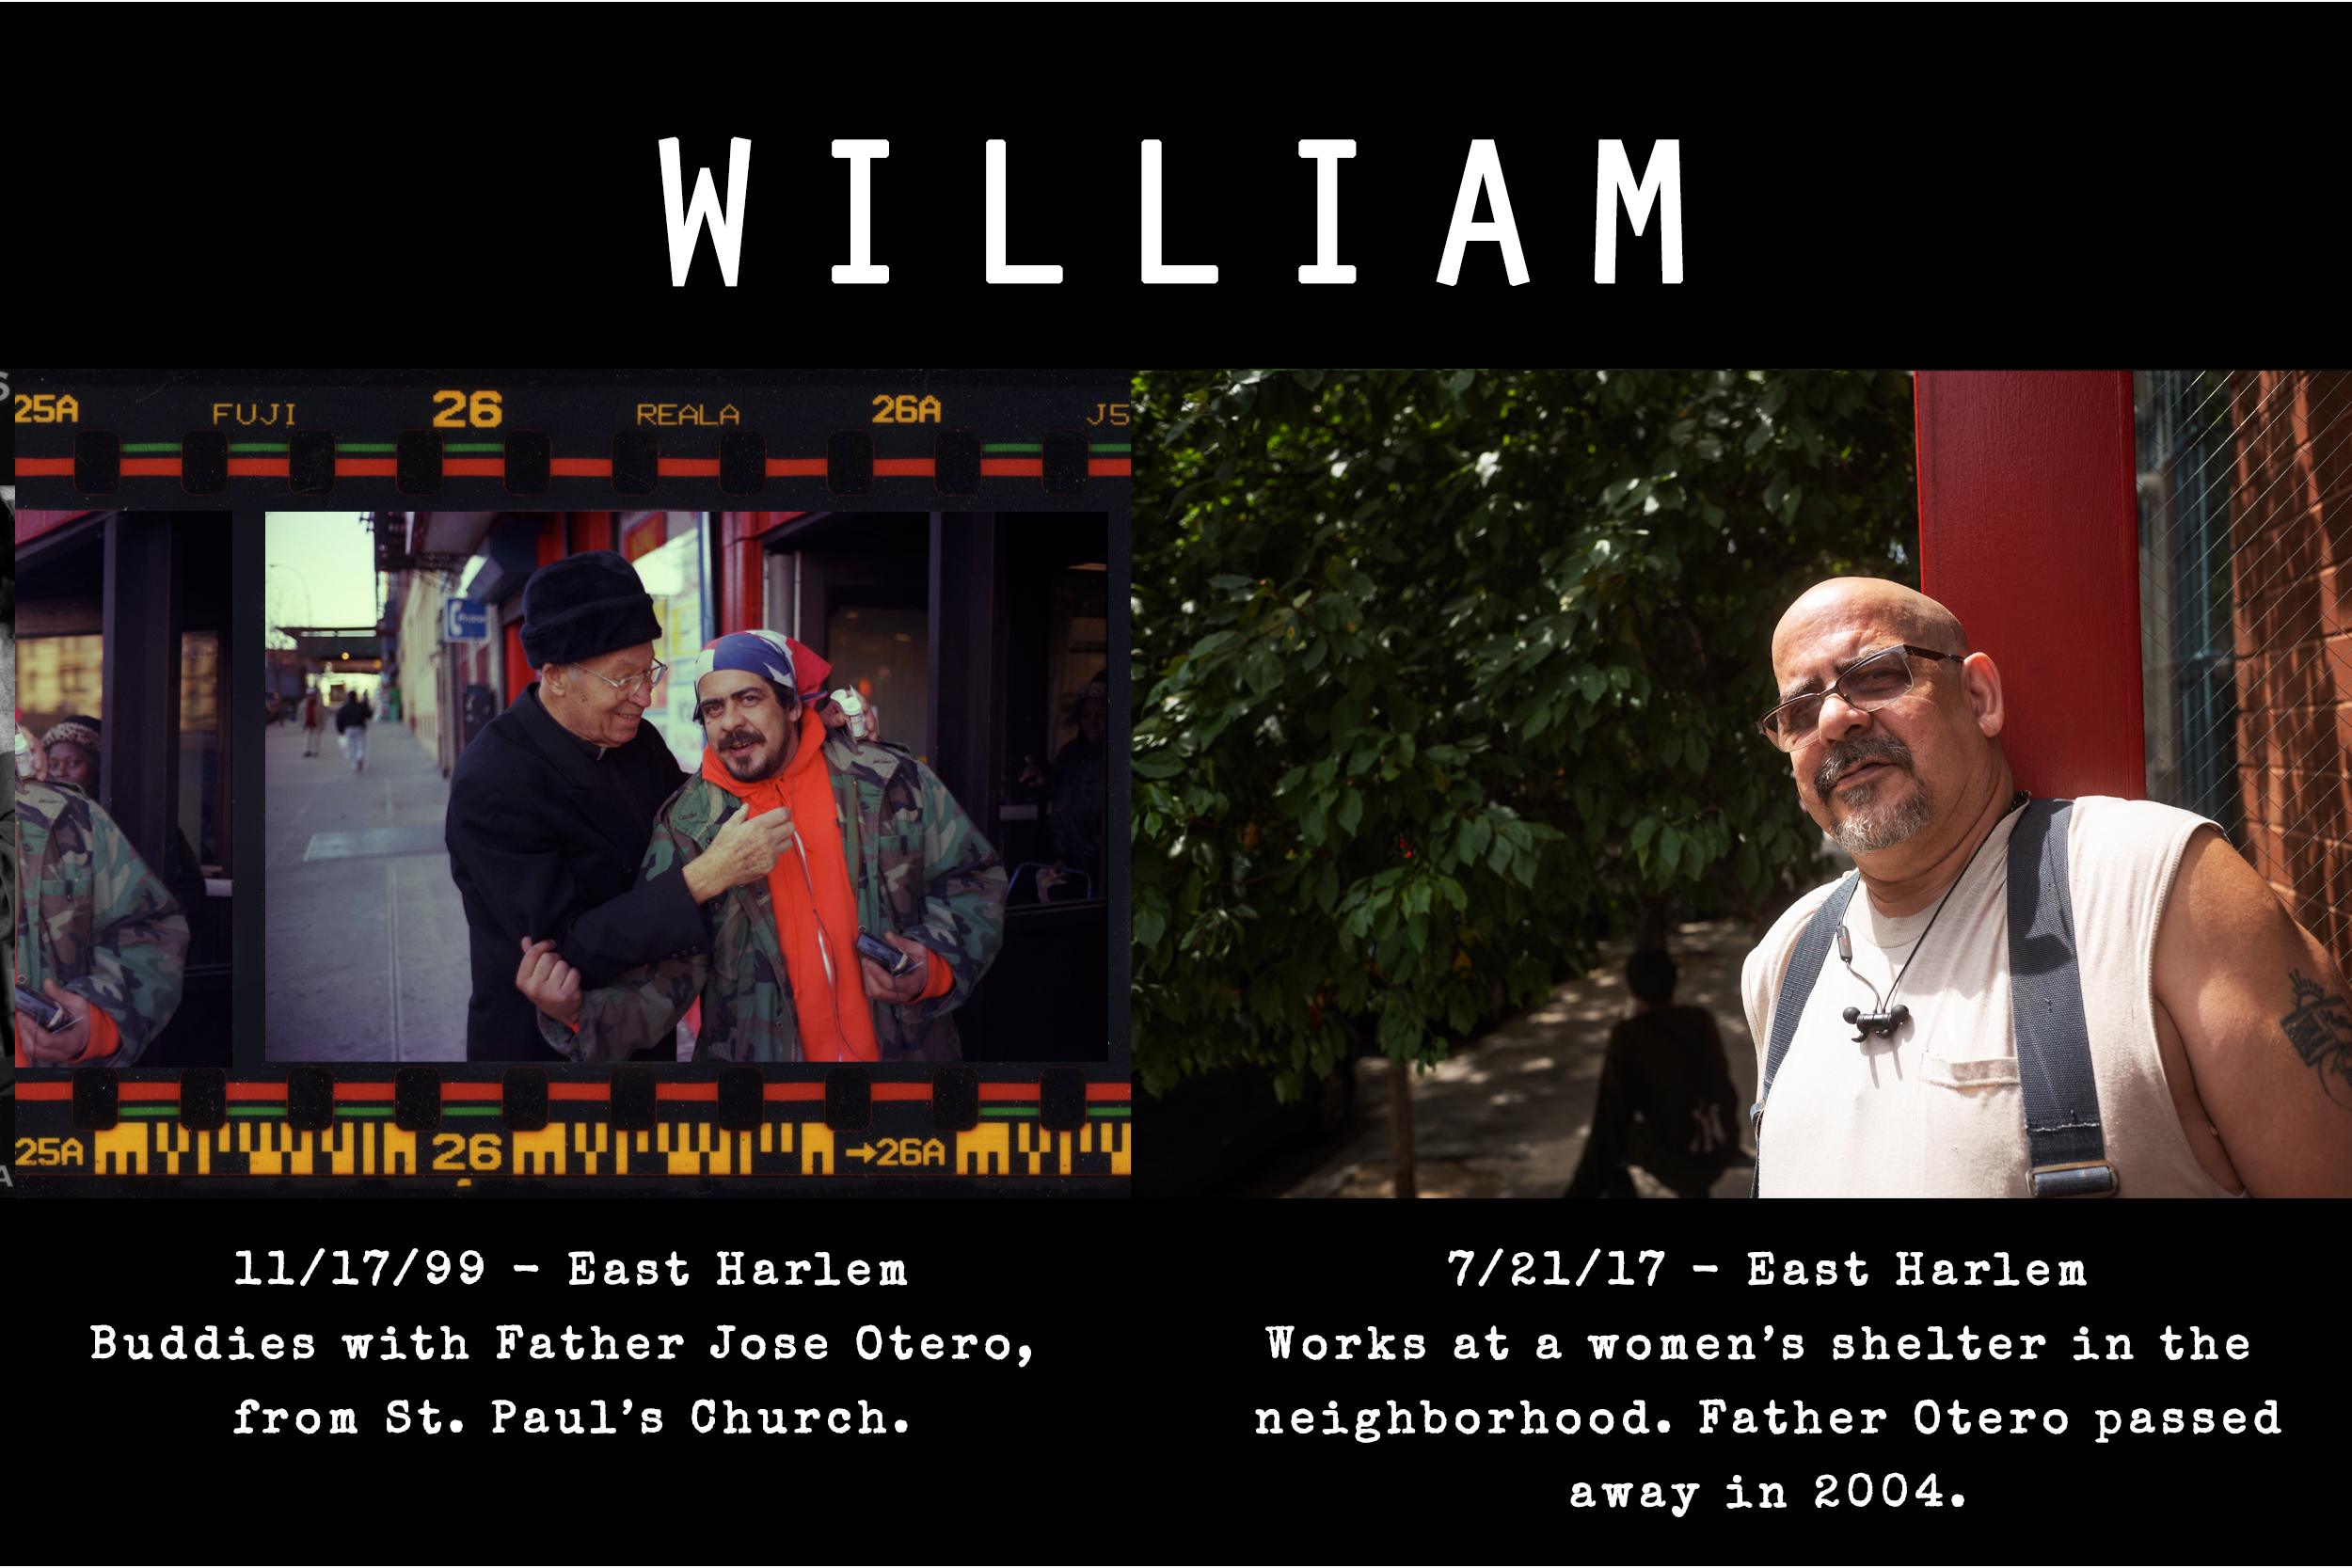 William-J.jpg